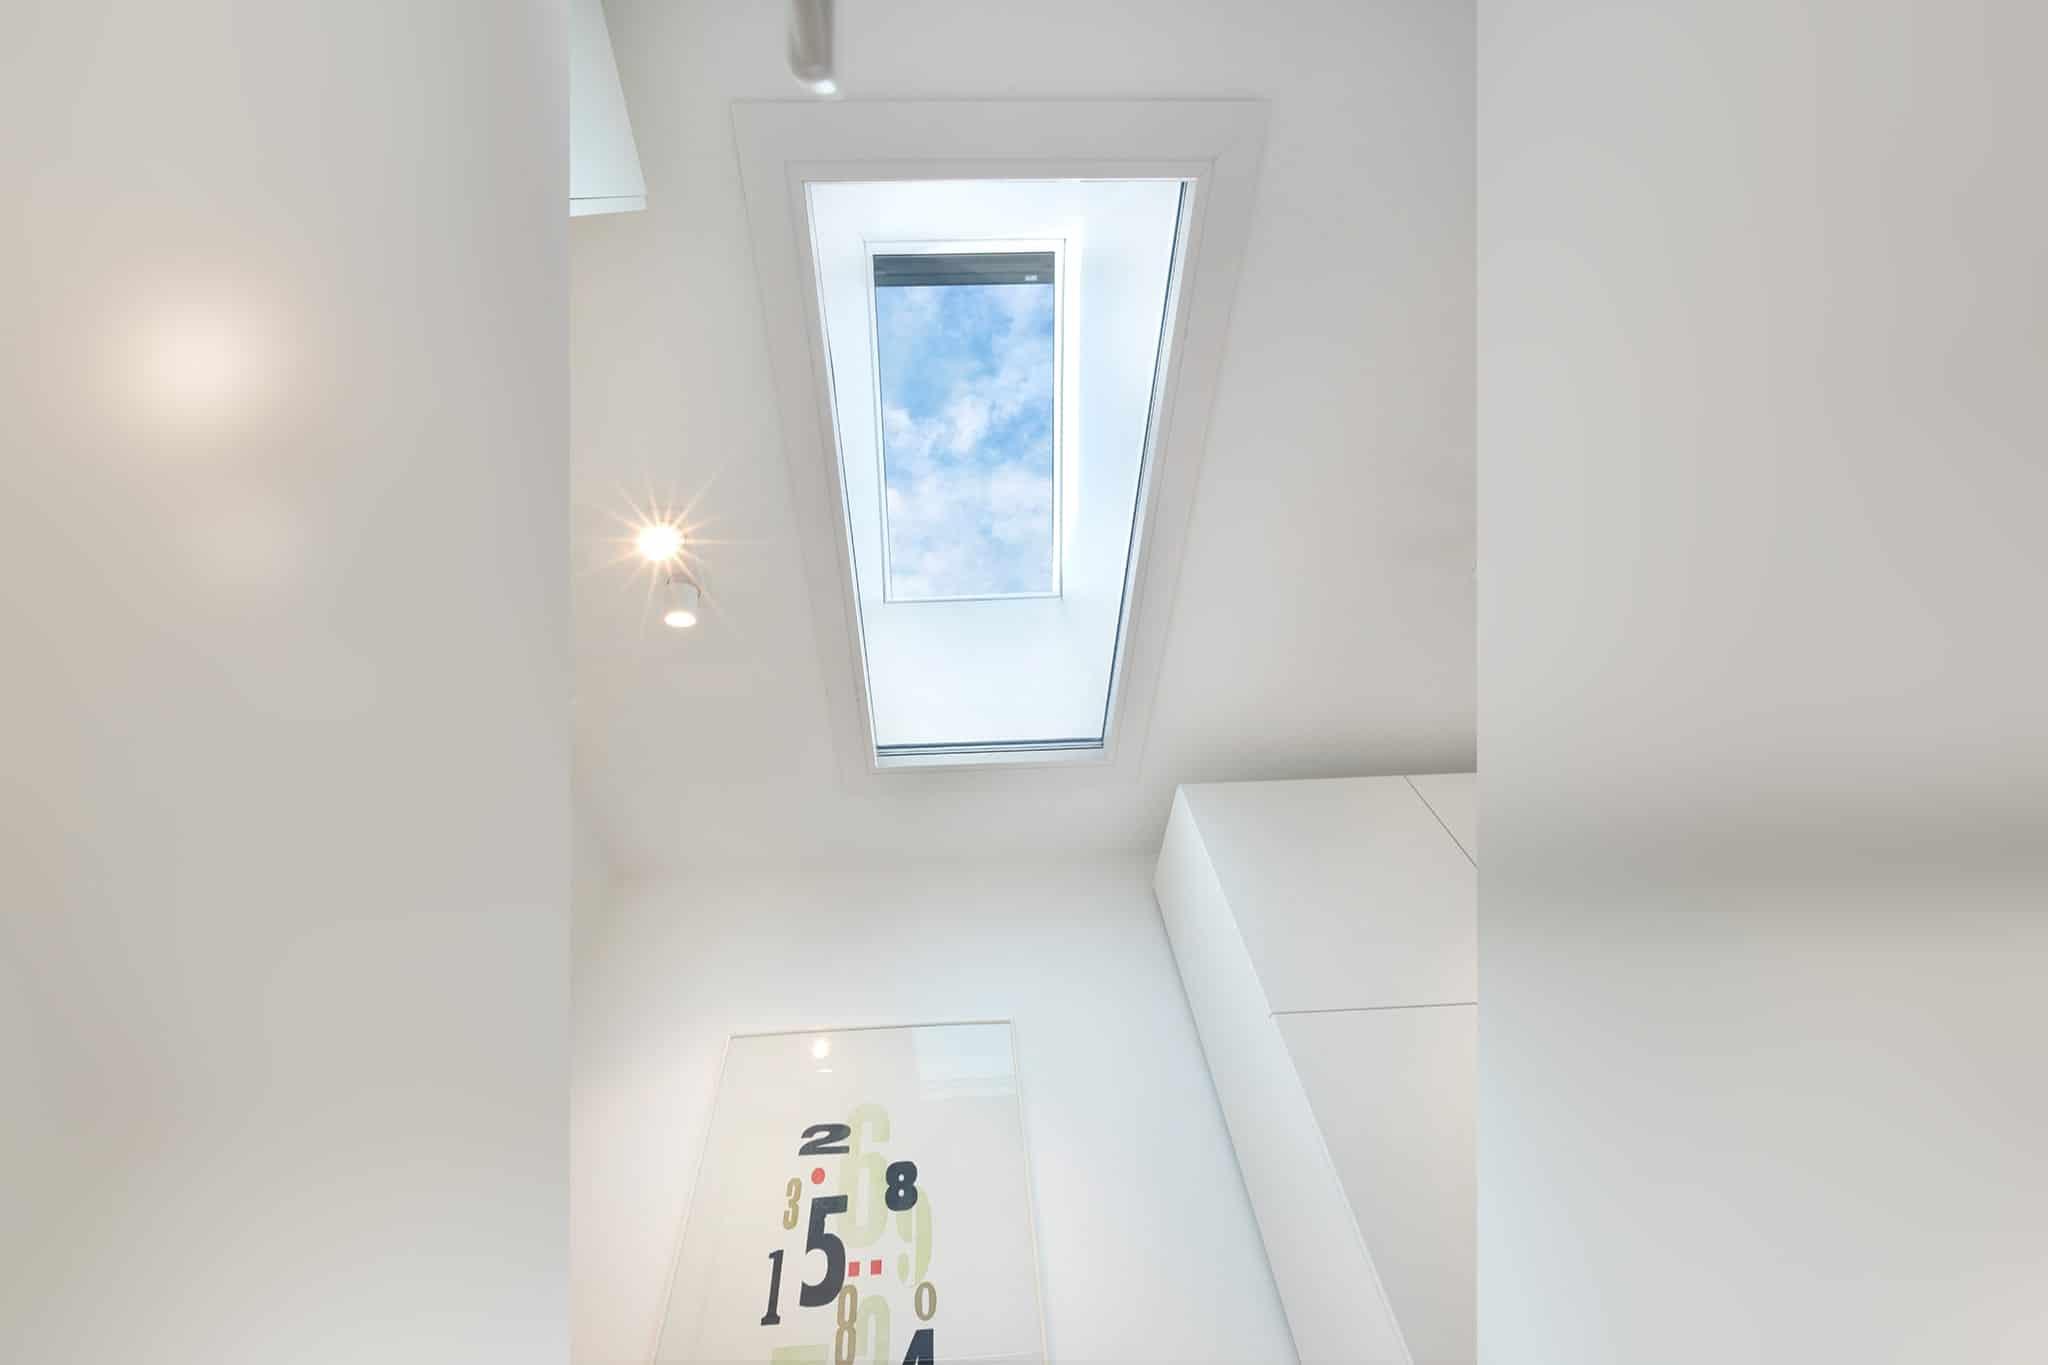 Musterhaus Mannheim Ceiling Window